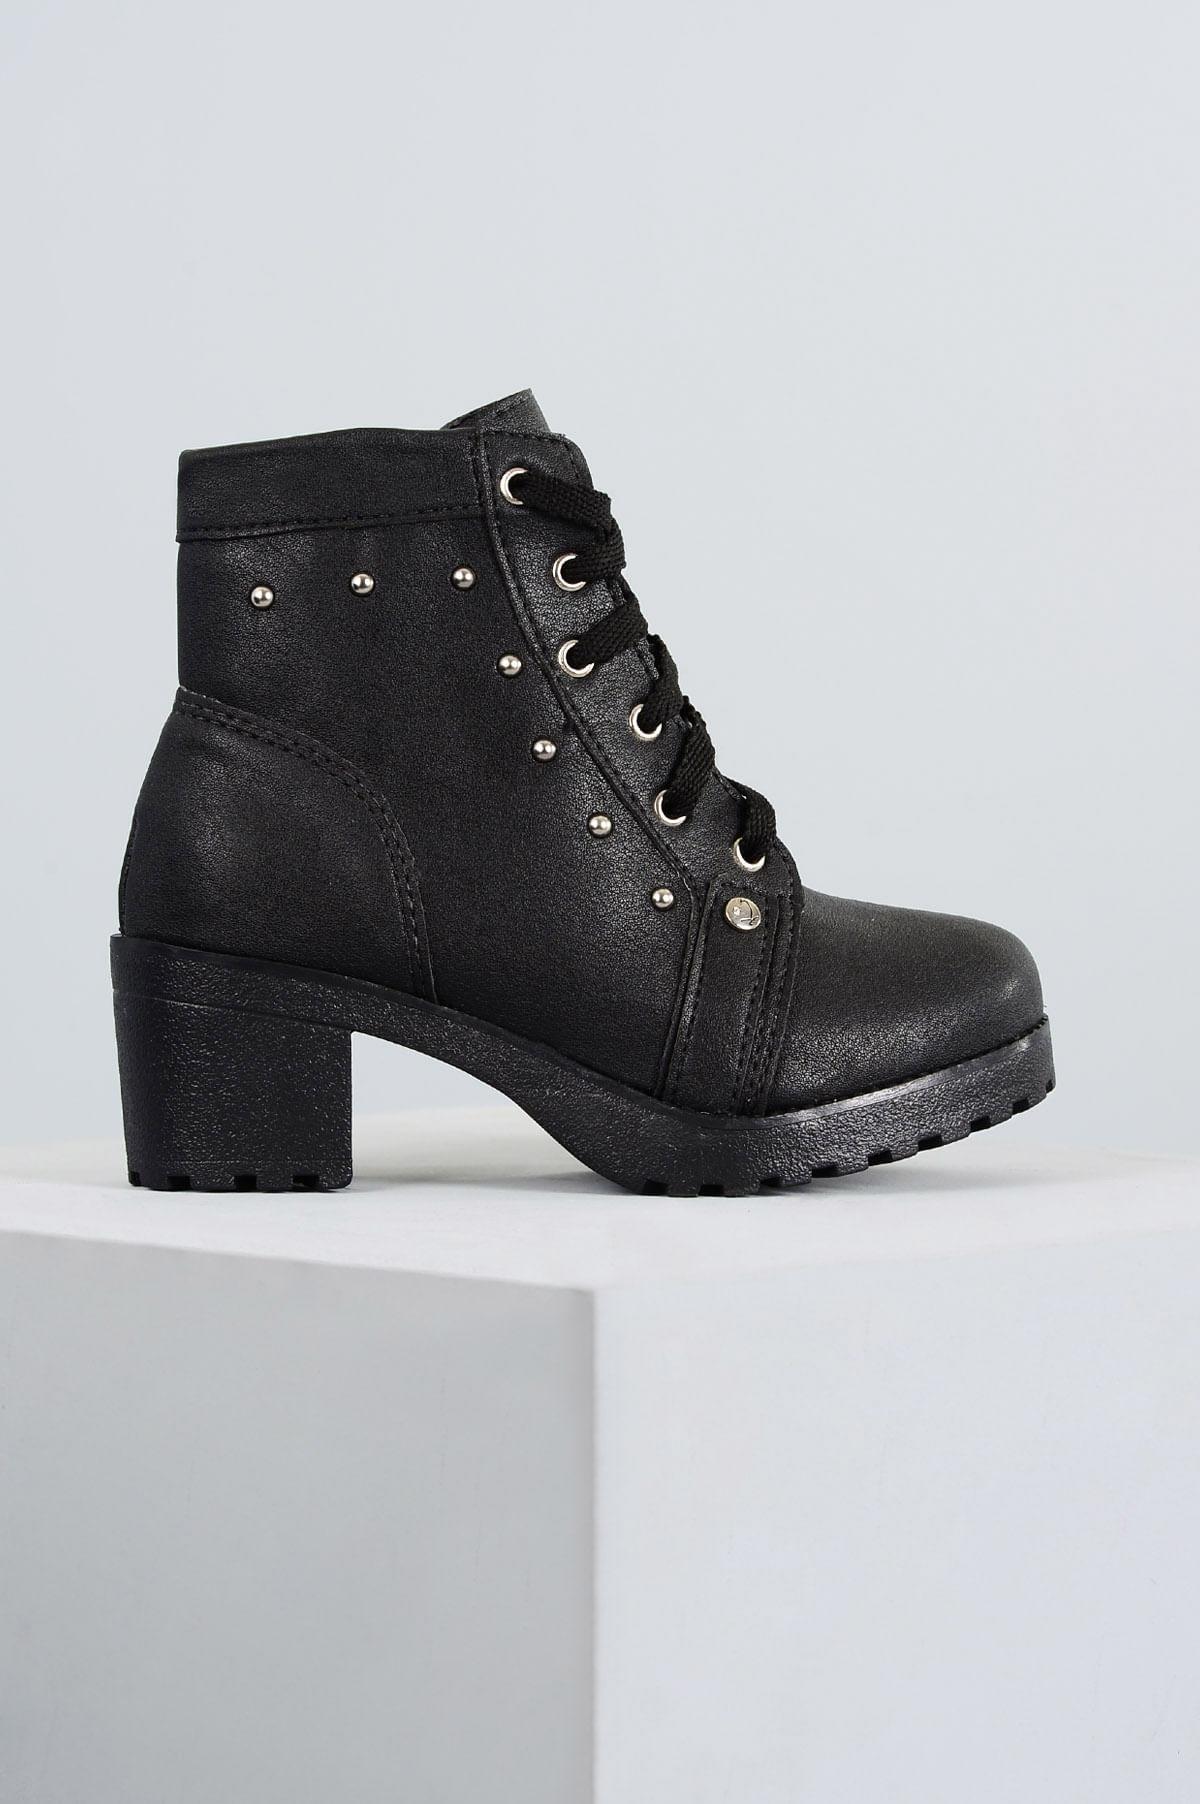 d3c6cf550 Bota Infantil Klassipé Luly SINT - PRETO - Mundial Calçados